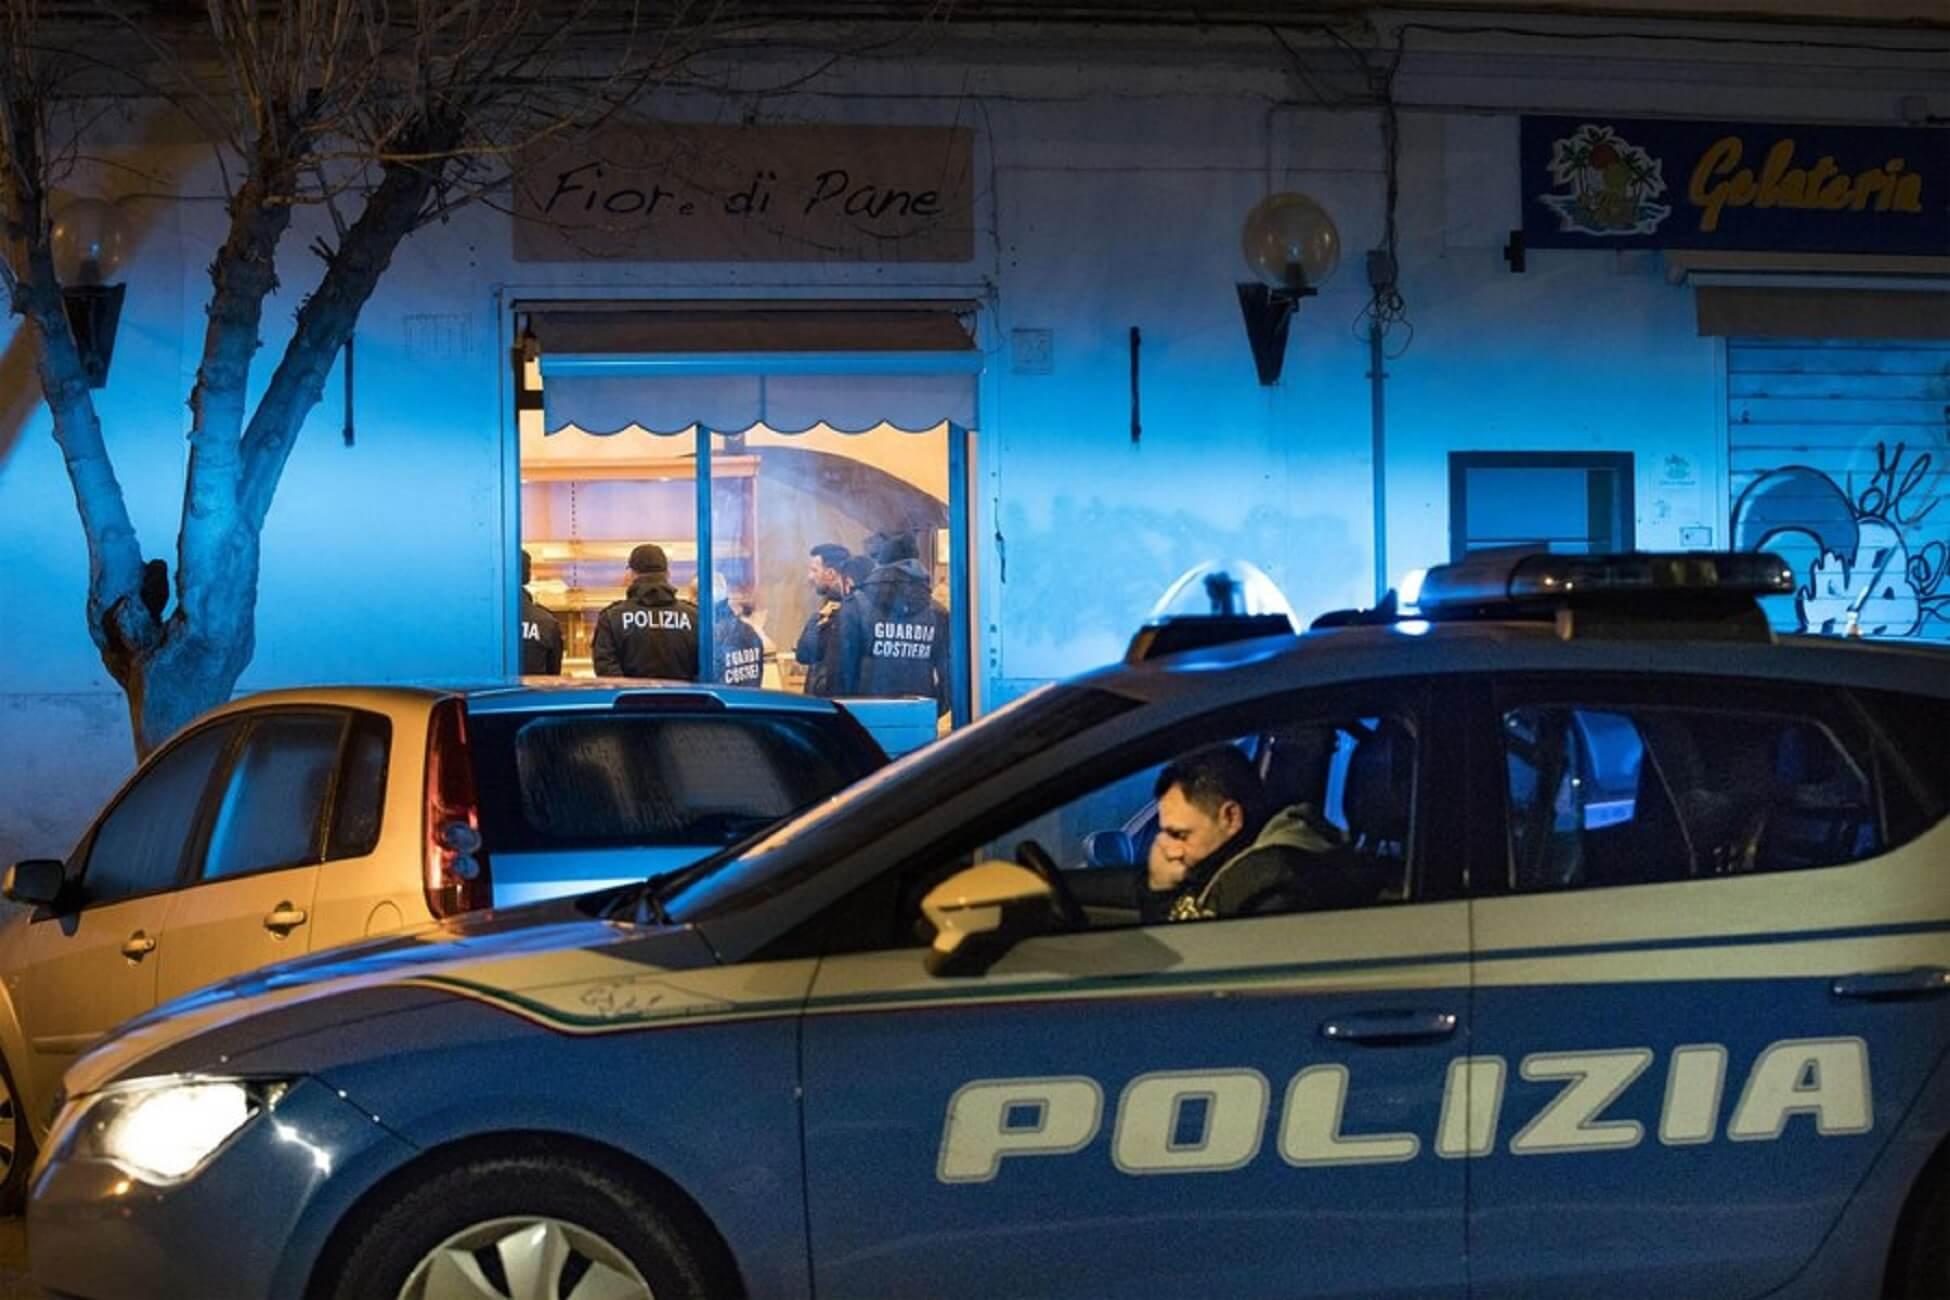 Ιταλία: Μαφιόζος έπεσε την φάκα καθώς τον αναγνώρισαν μέσω youtube